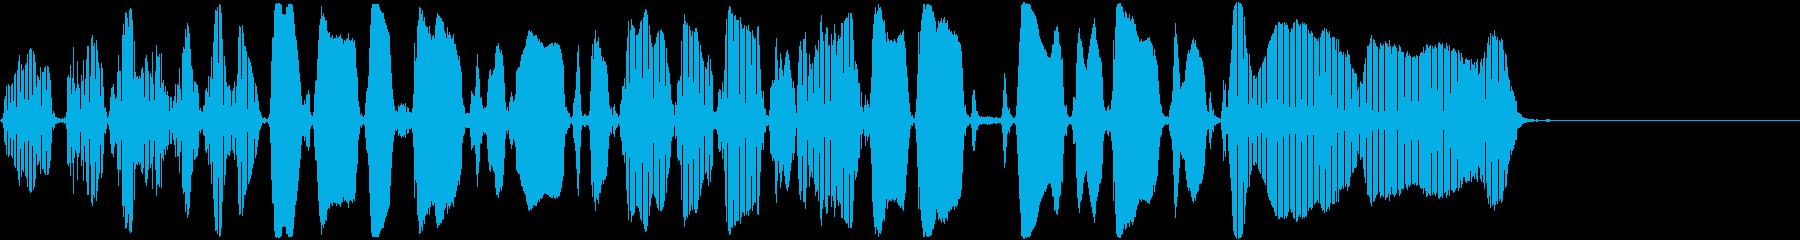 トランペット:ロング、コミカルチャ...の再生済みの波形